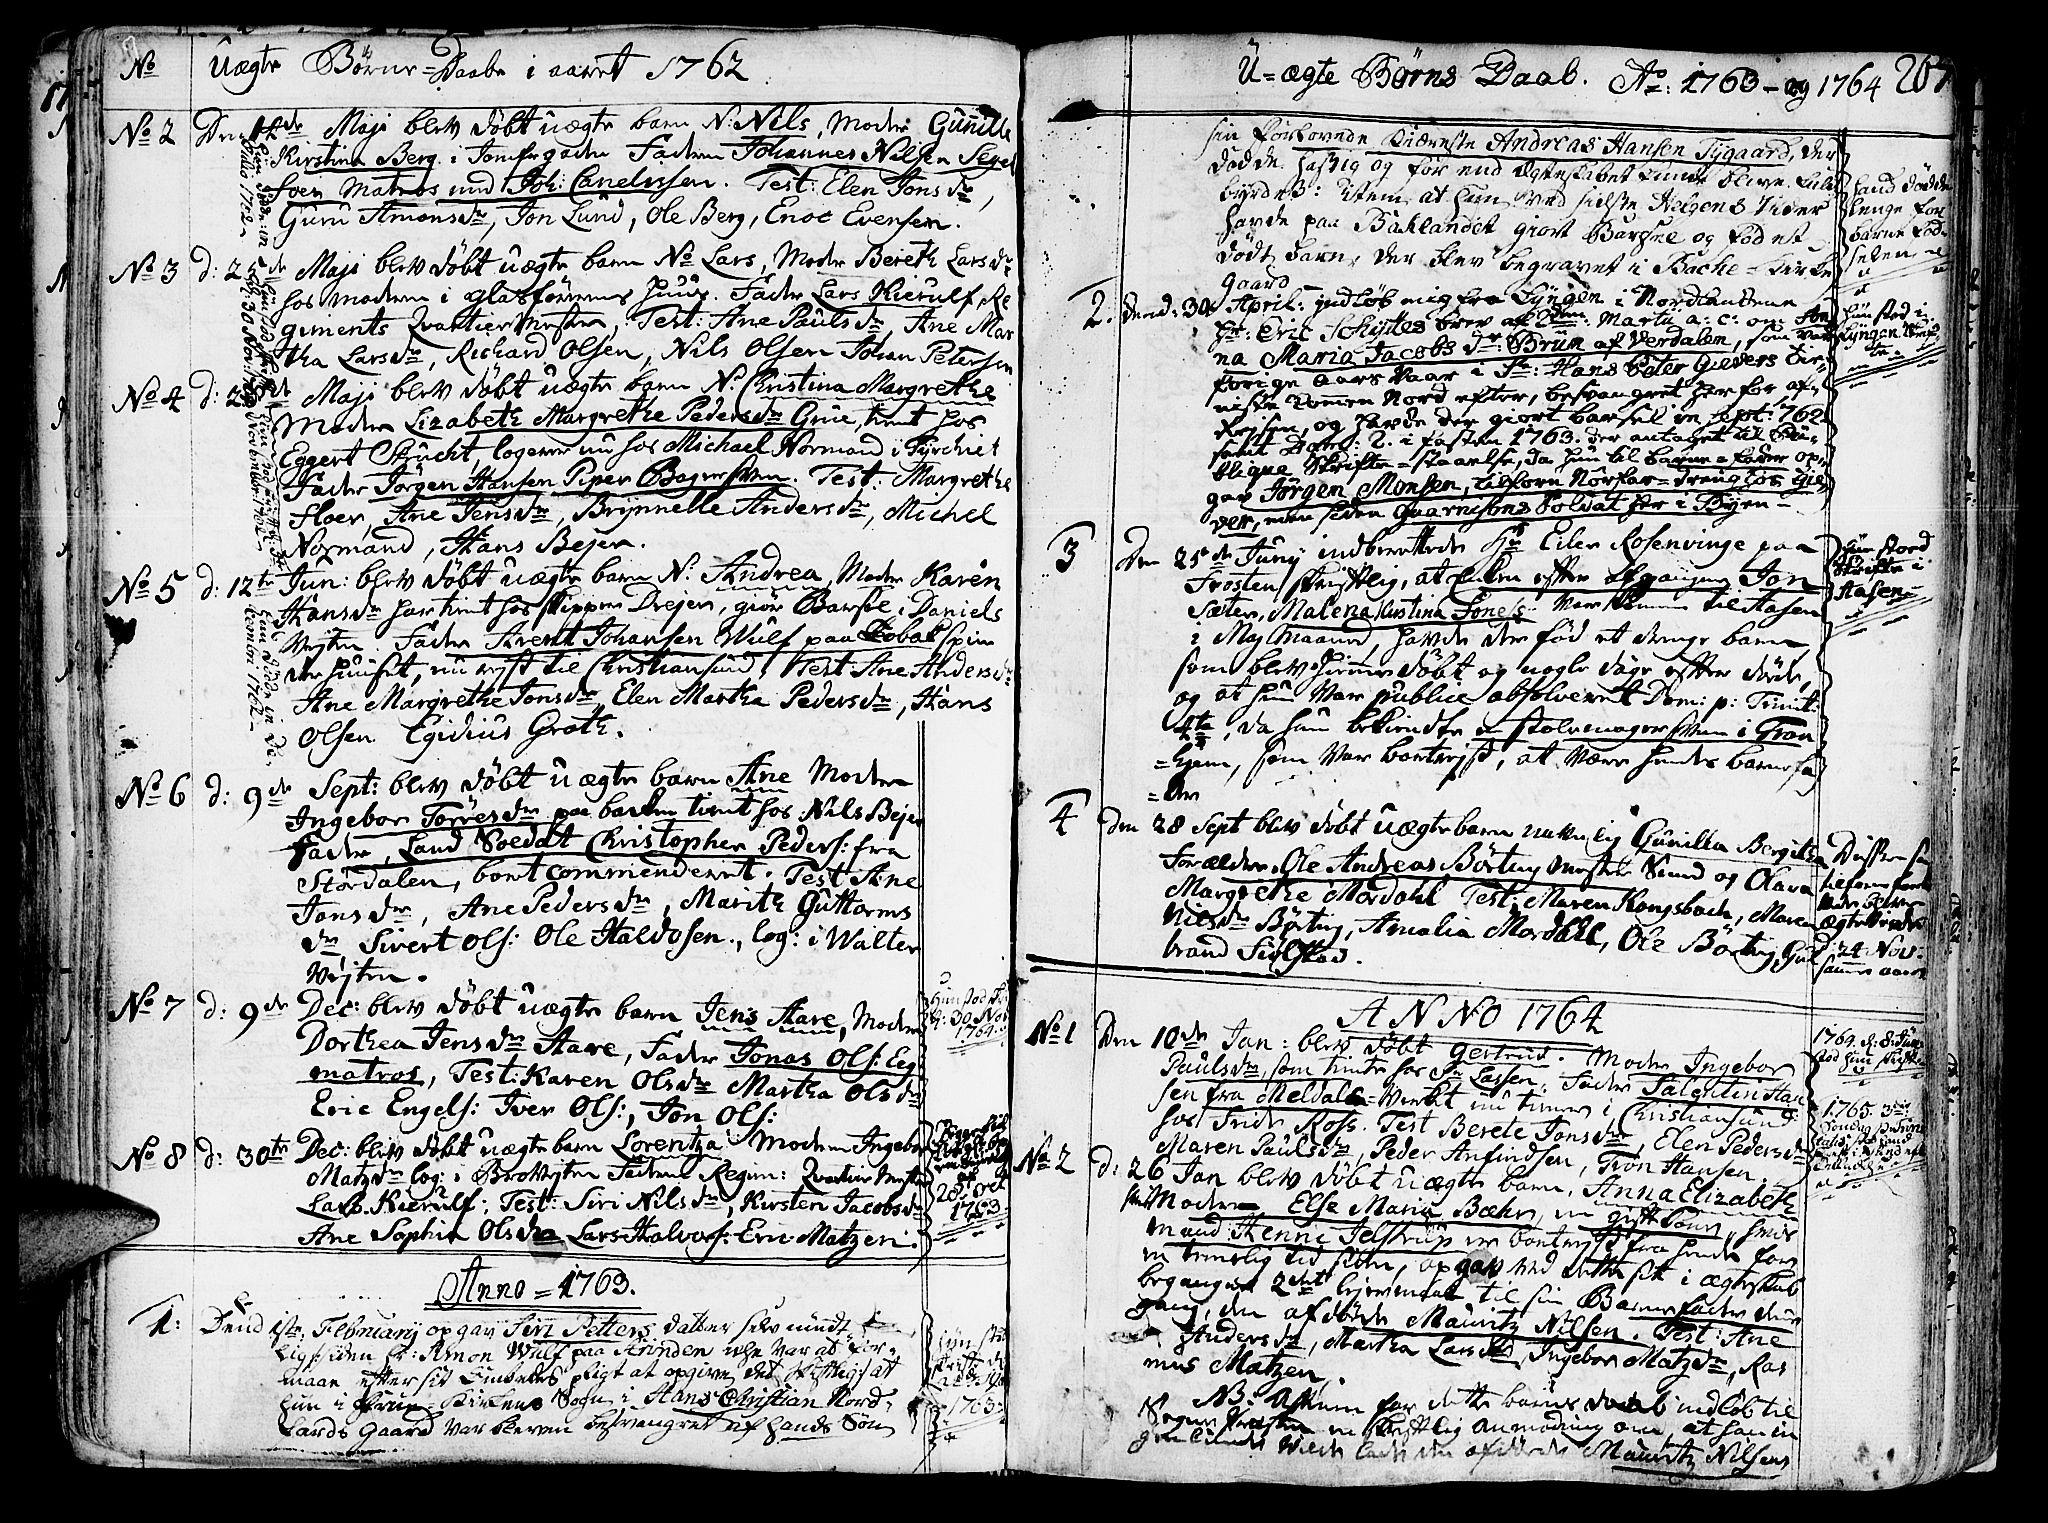 SAT, Ministerialprotokoller, klokkerbøker og fødselsregistre - Sør-Trøndelag, 602/L0103: Ministerialbok nr. 602A01, 1732-1774, s. 267